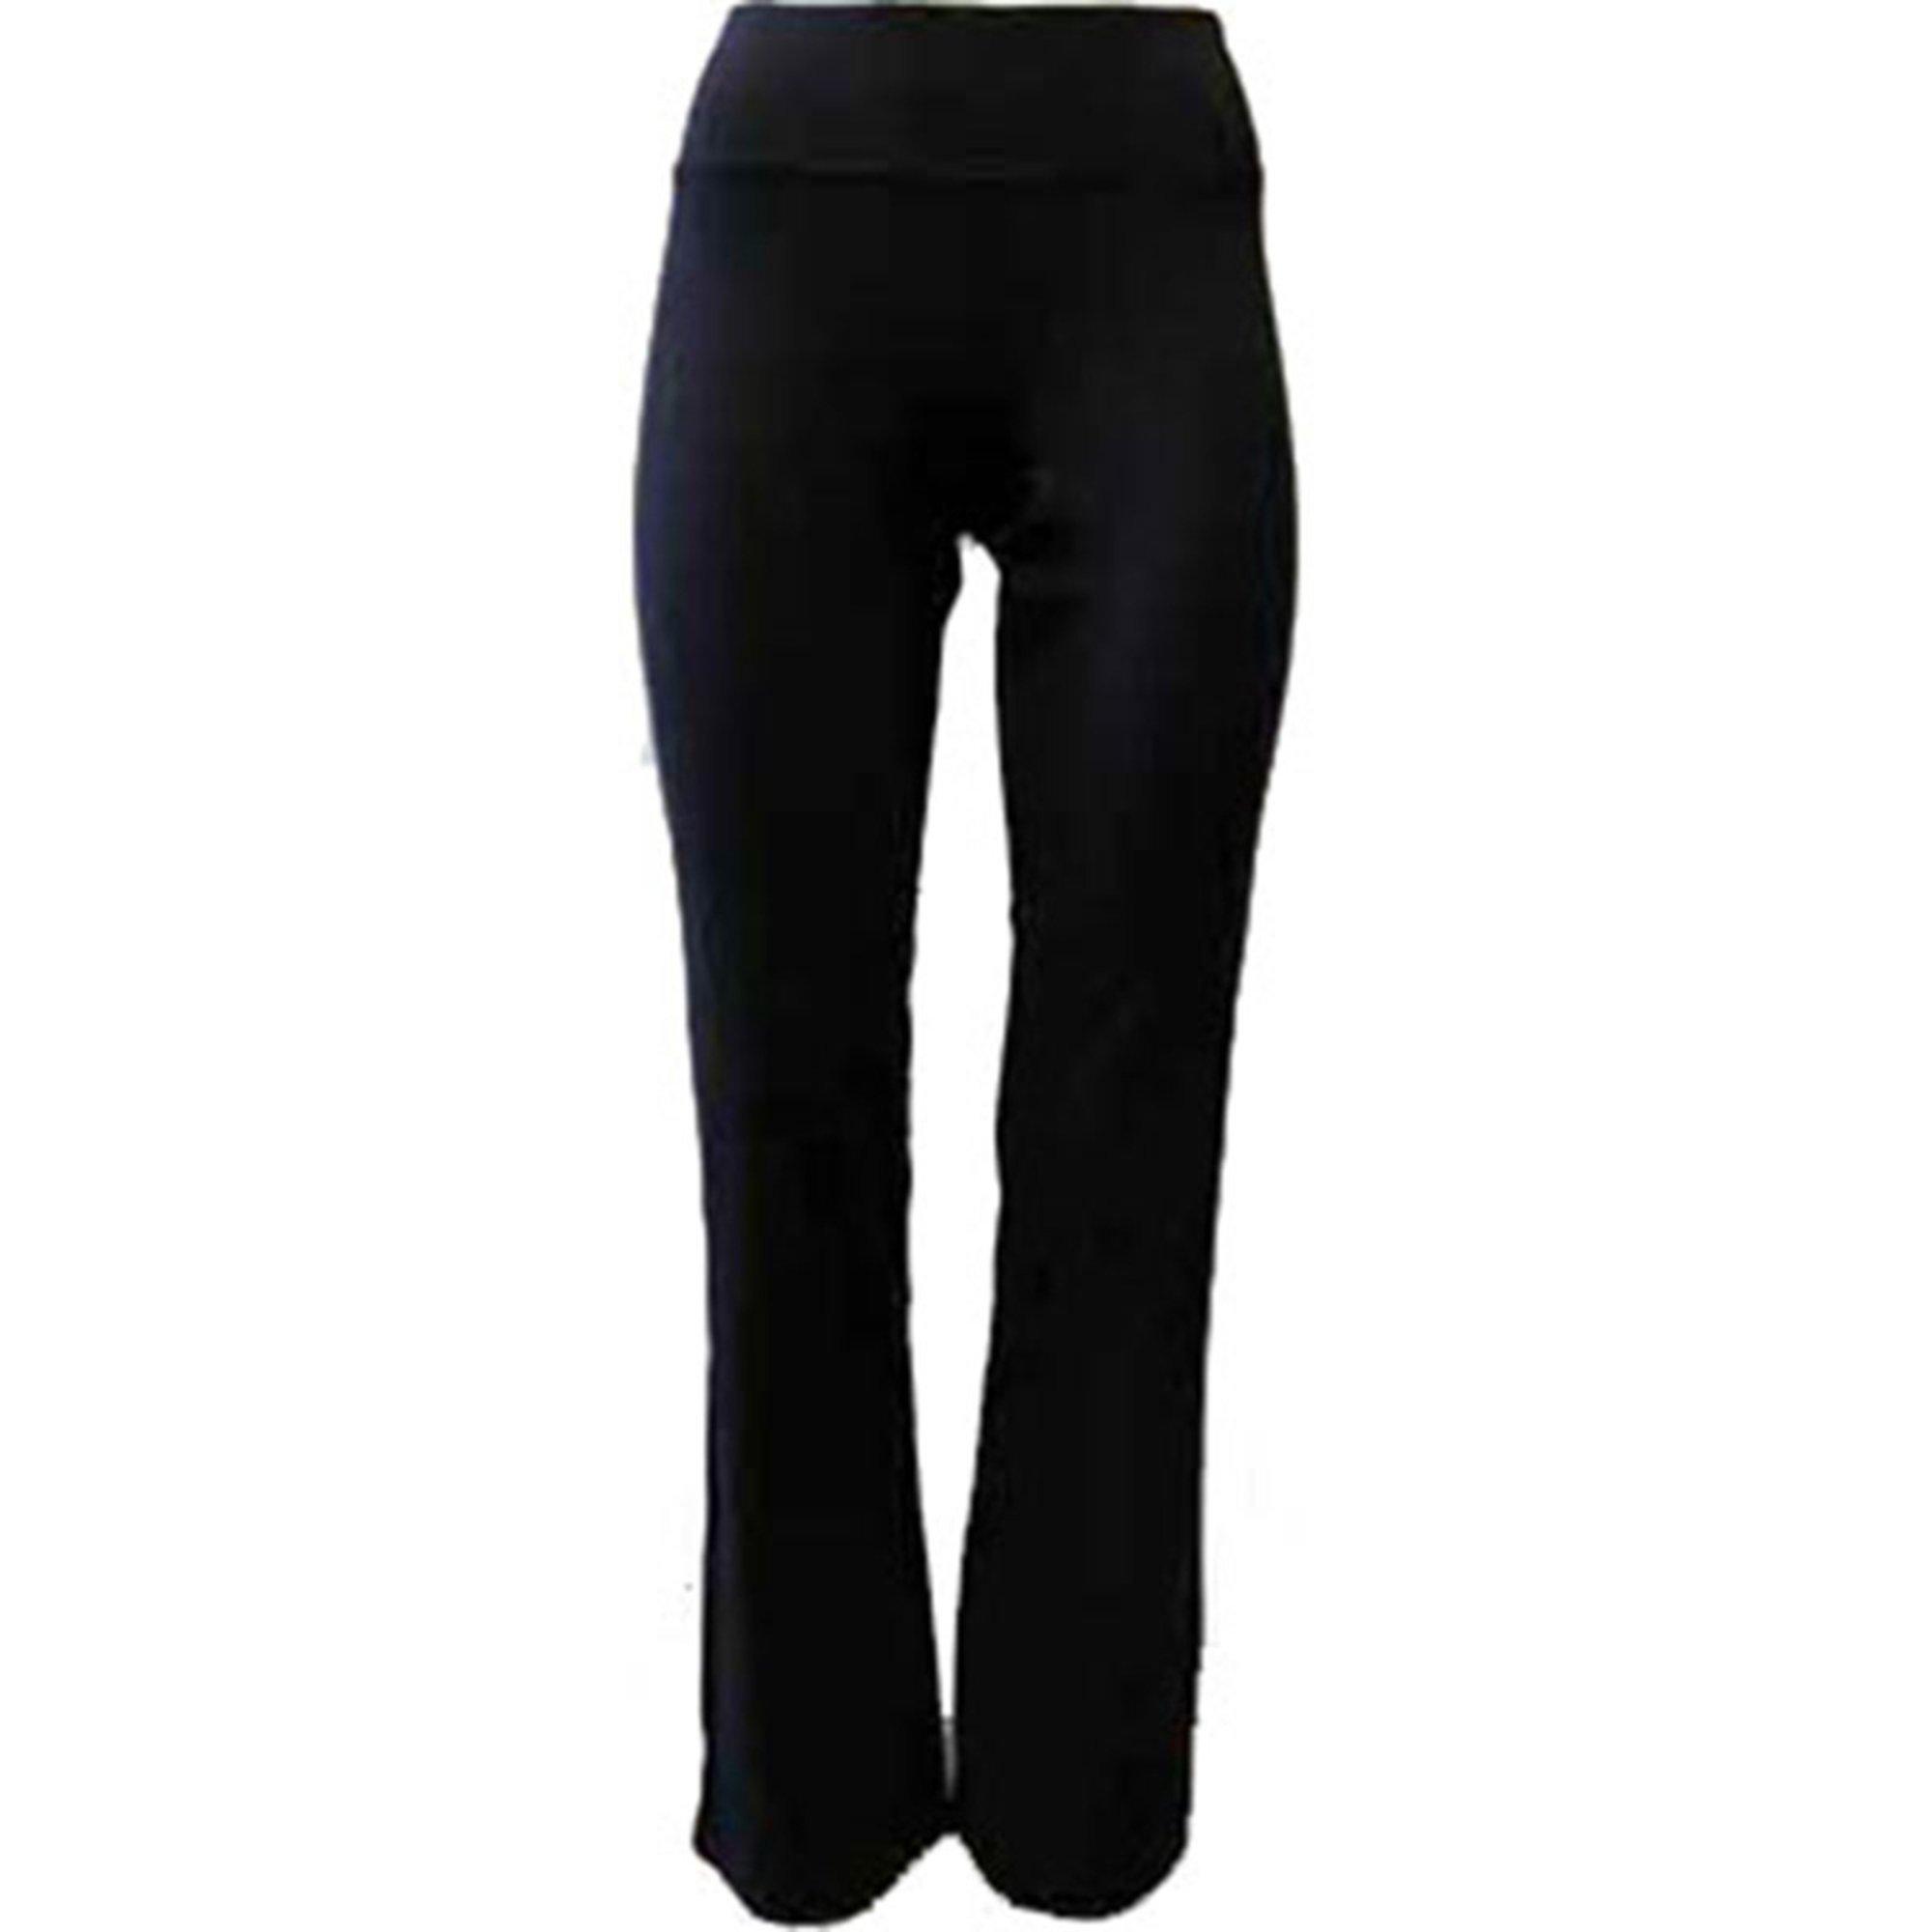 692a20bf5108e Jockey Women's Slim Bootleg Pants   Active Pants   Apparel - Shop ...